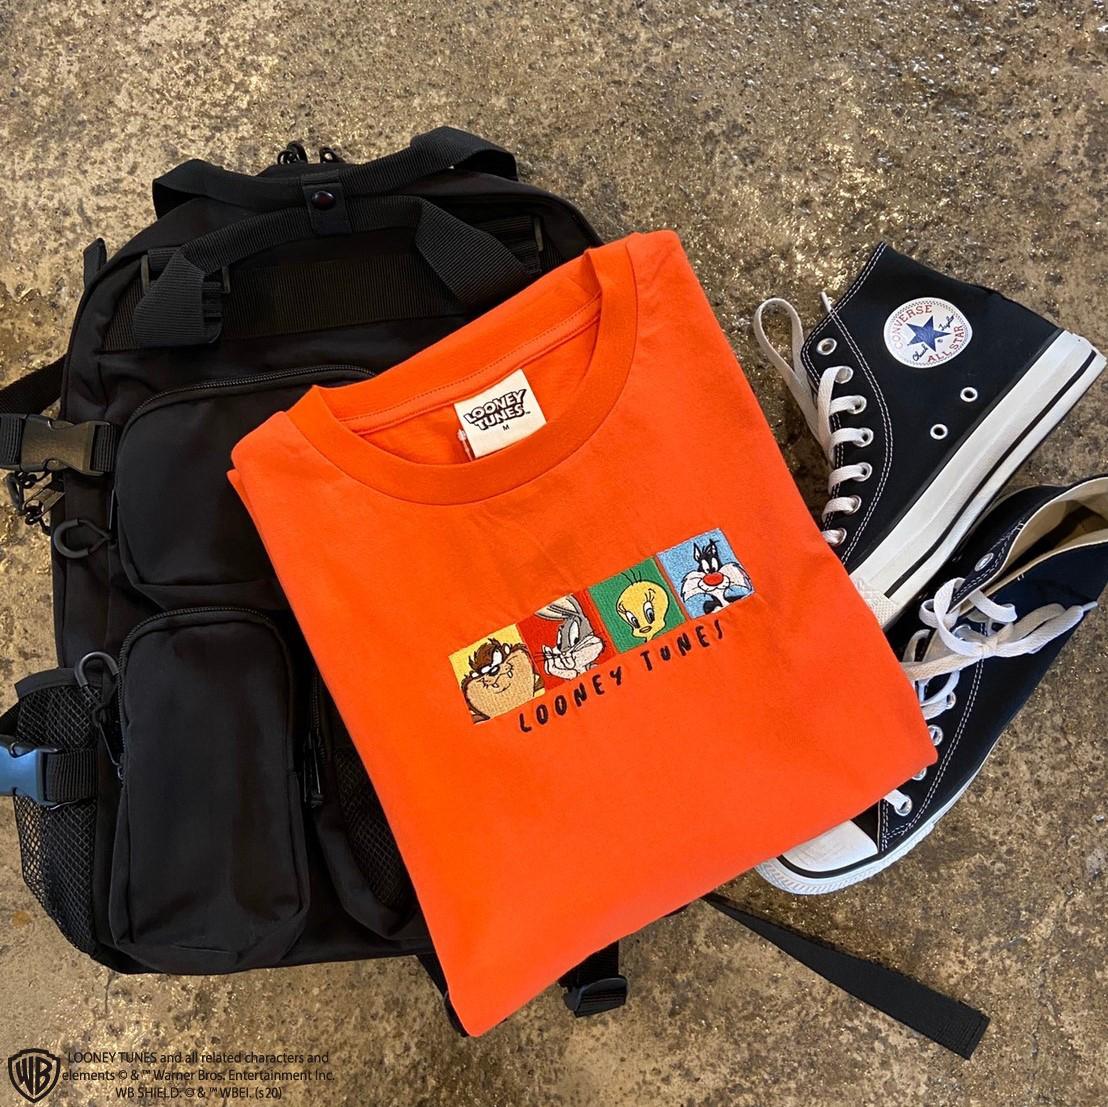 【ルーニーテューンズ】オーバーシルエット フロント刺繍 半袖Tシャツ NO0530103